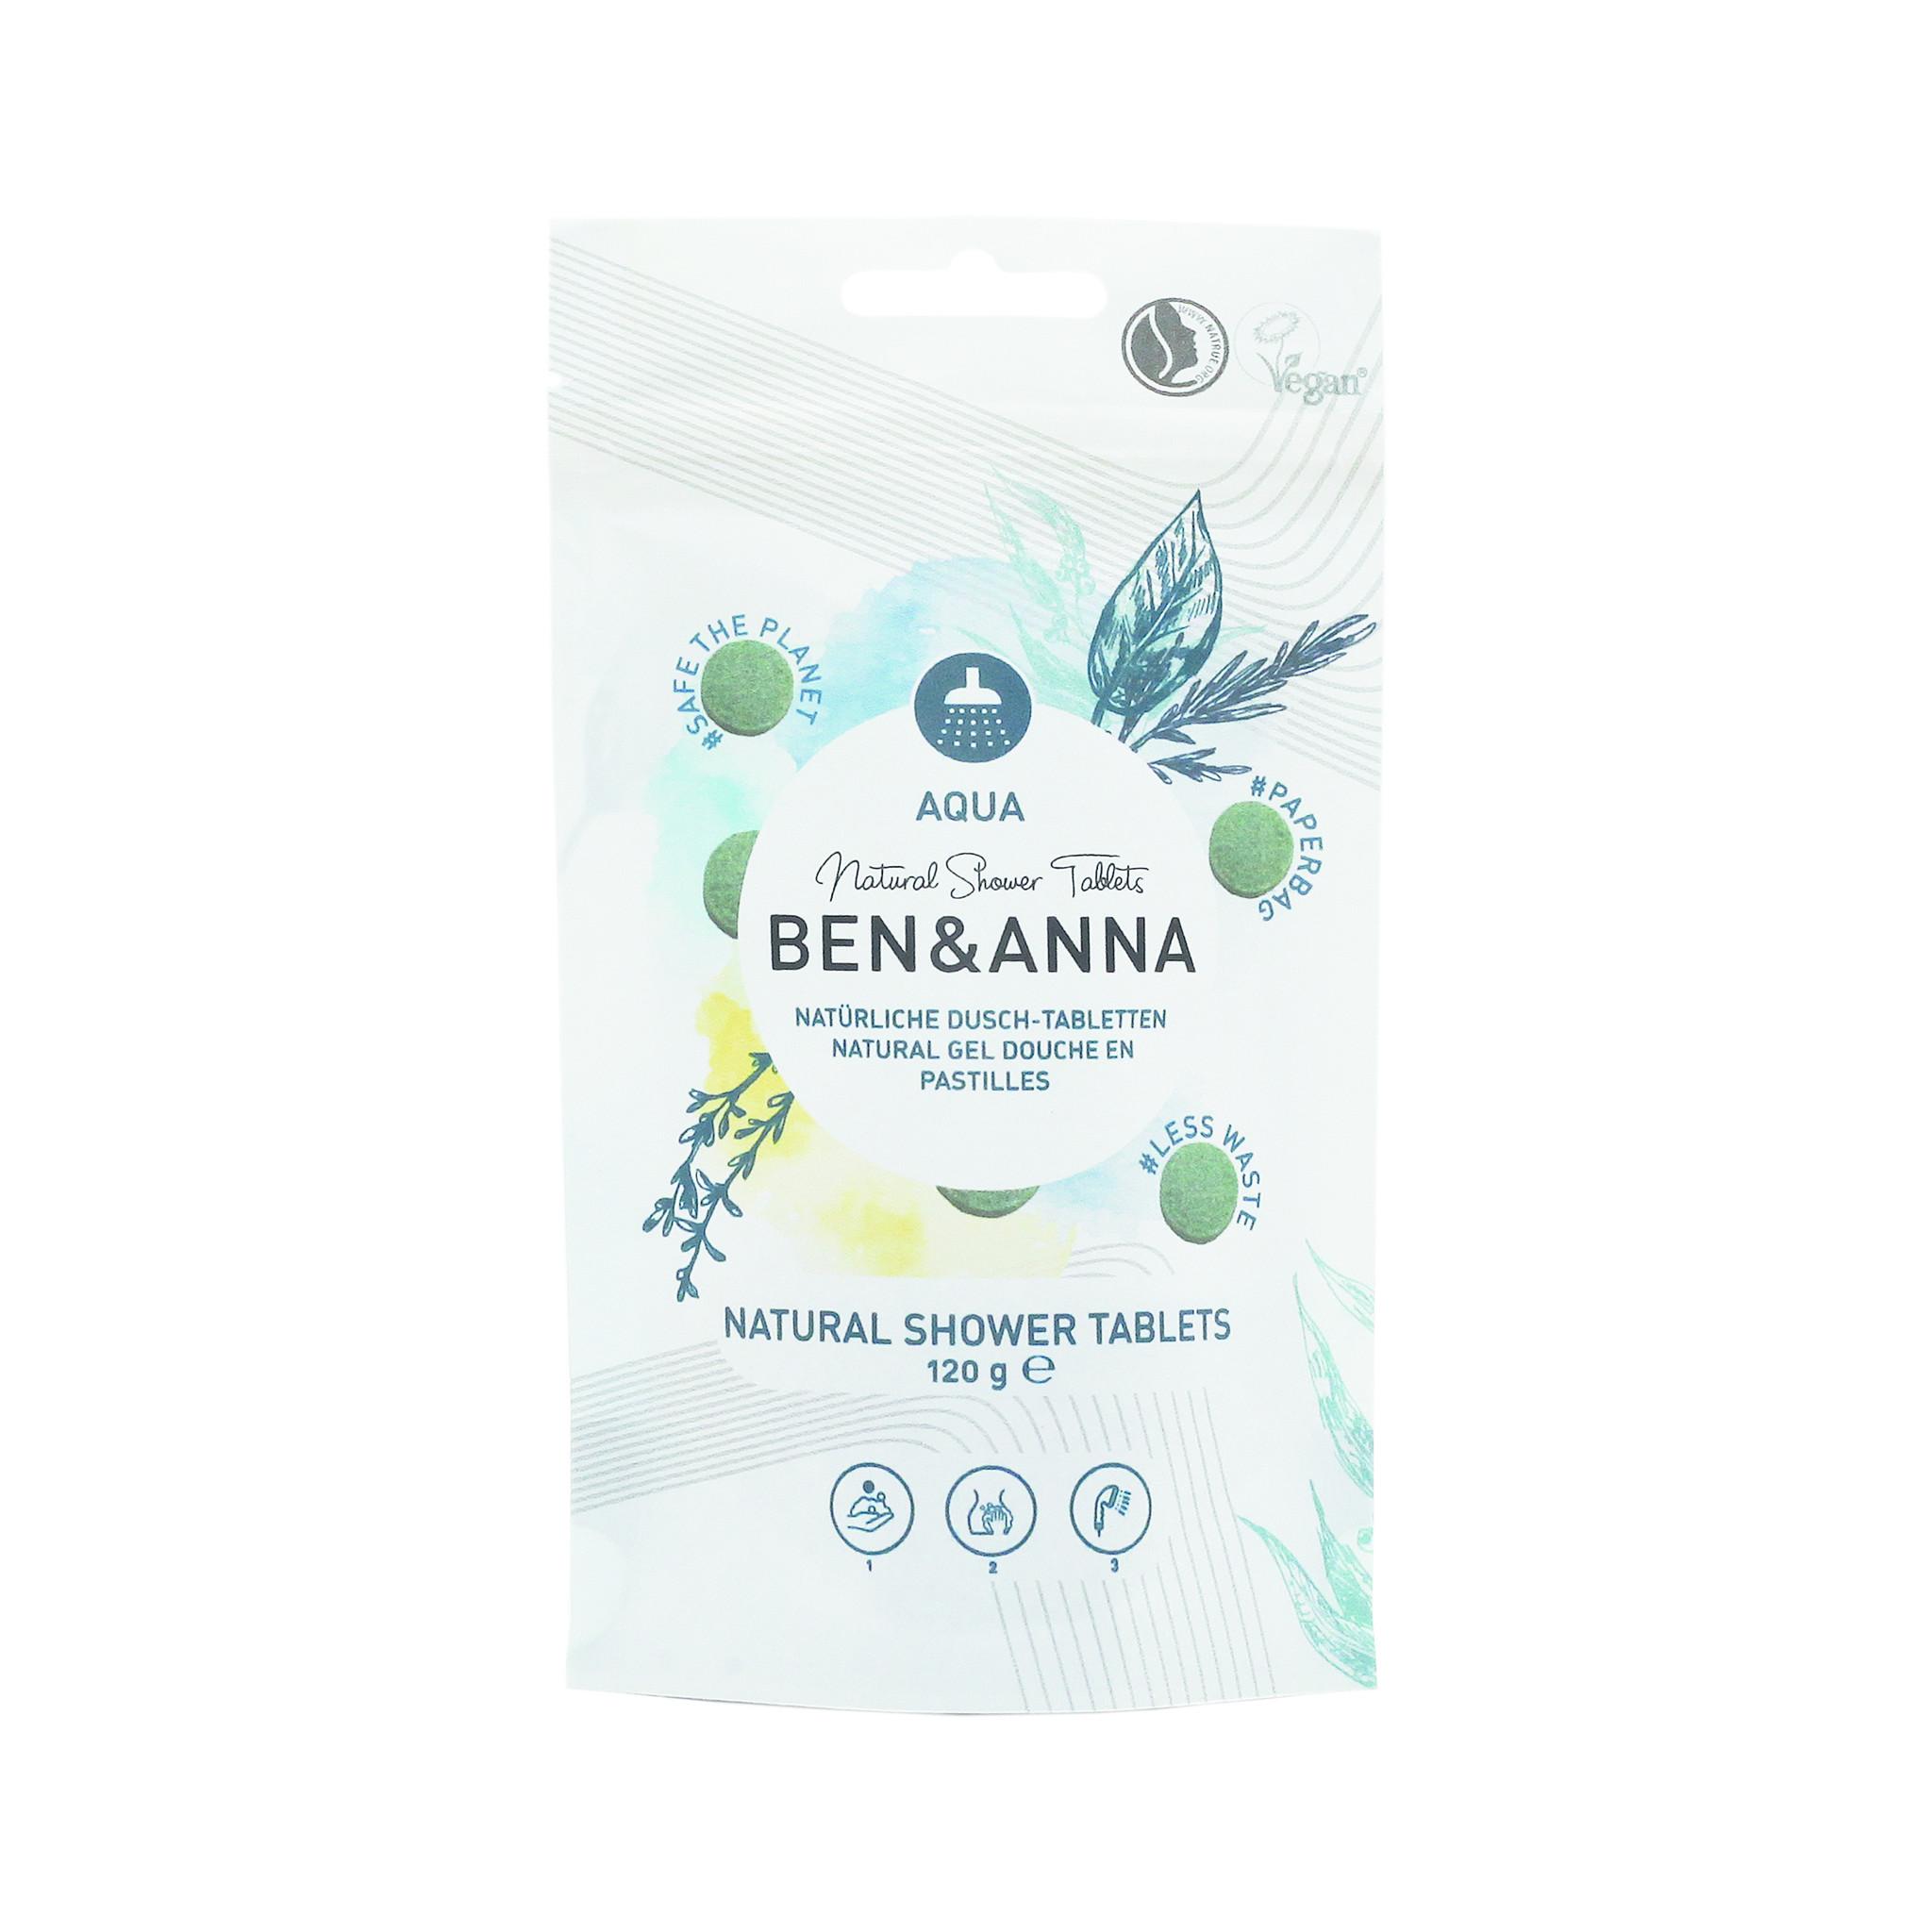 Ben & Anna Natural Shower Tablets - Aqua